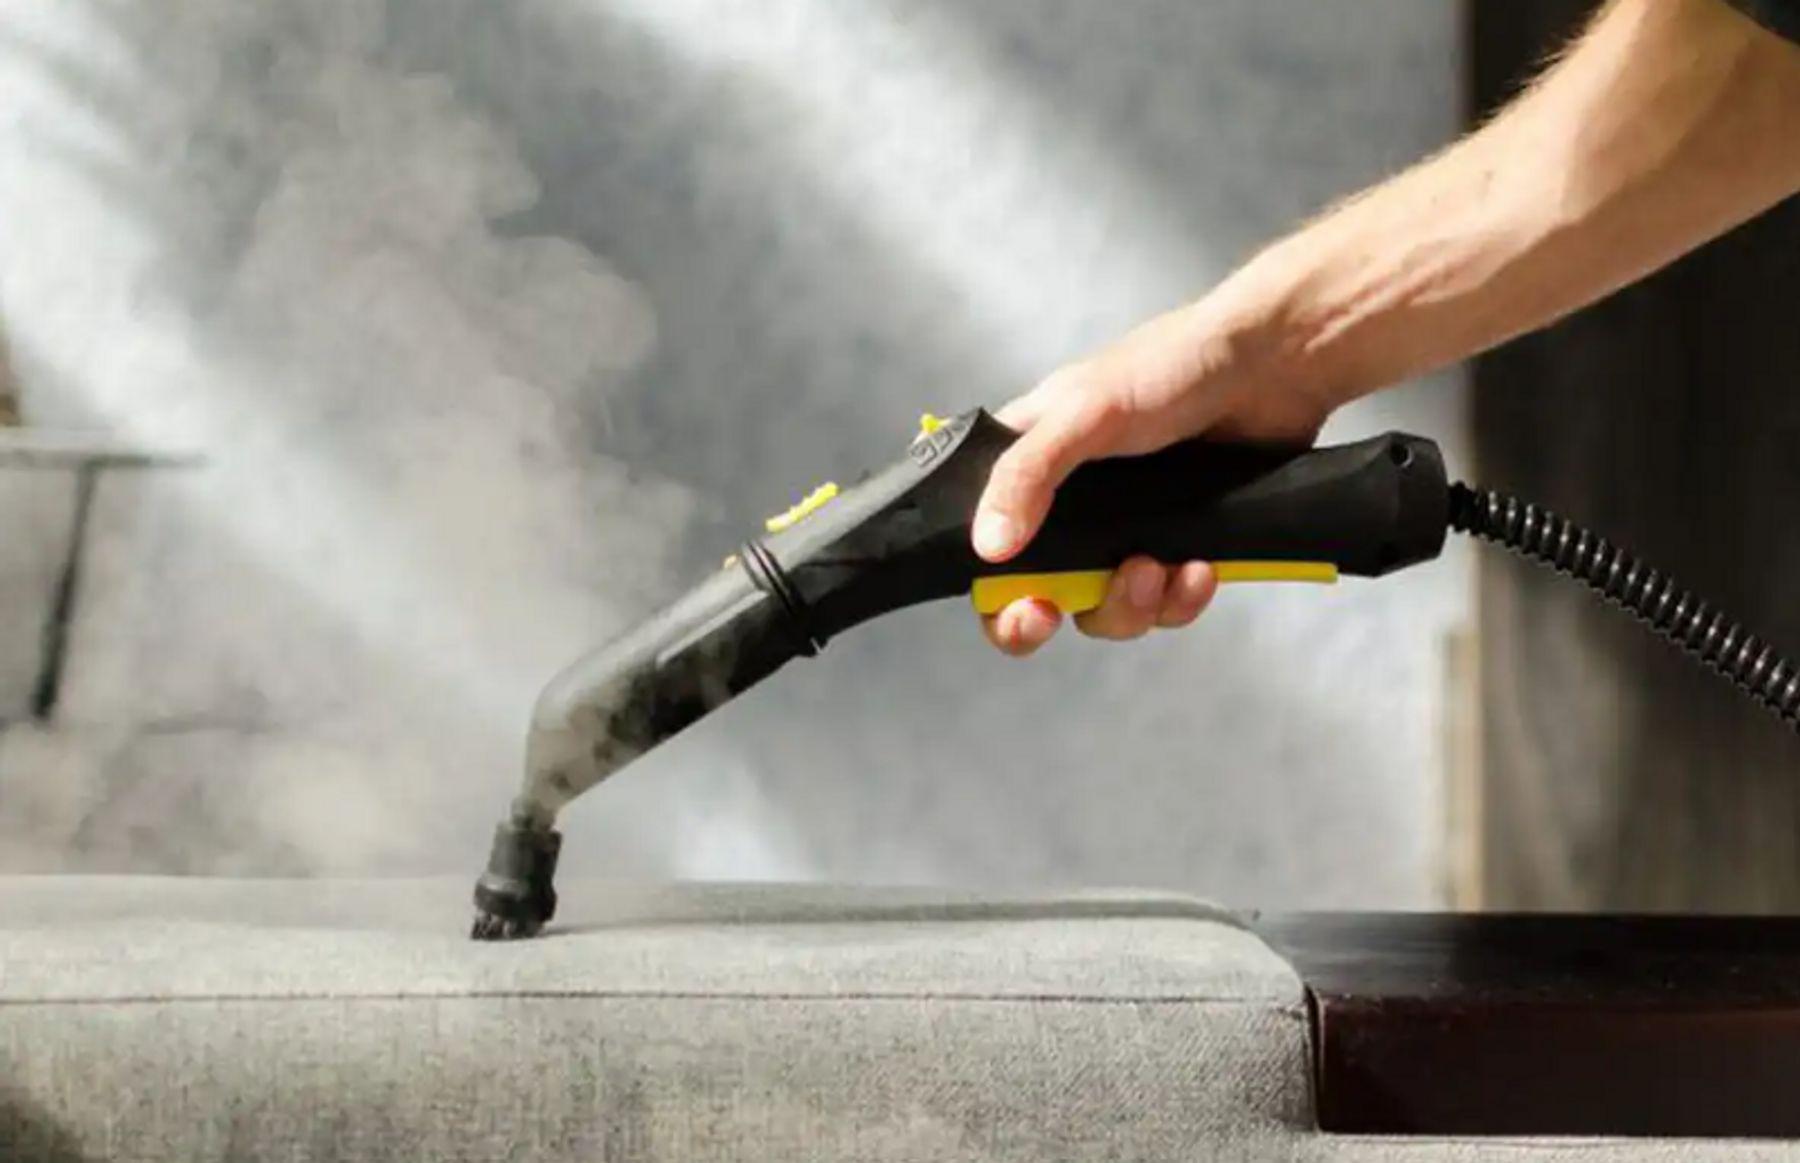 Cách giặt đệm tại nhà tại nhà bằng máy giặt nệm phun hơi nước nóng